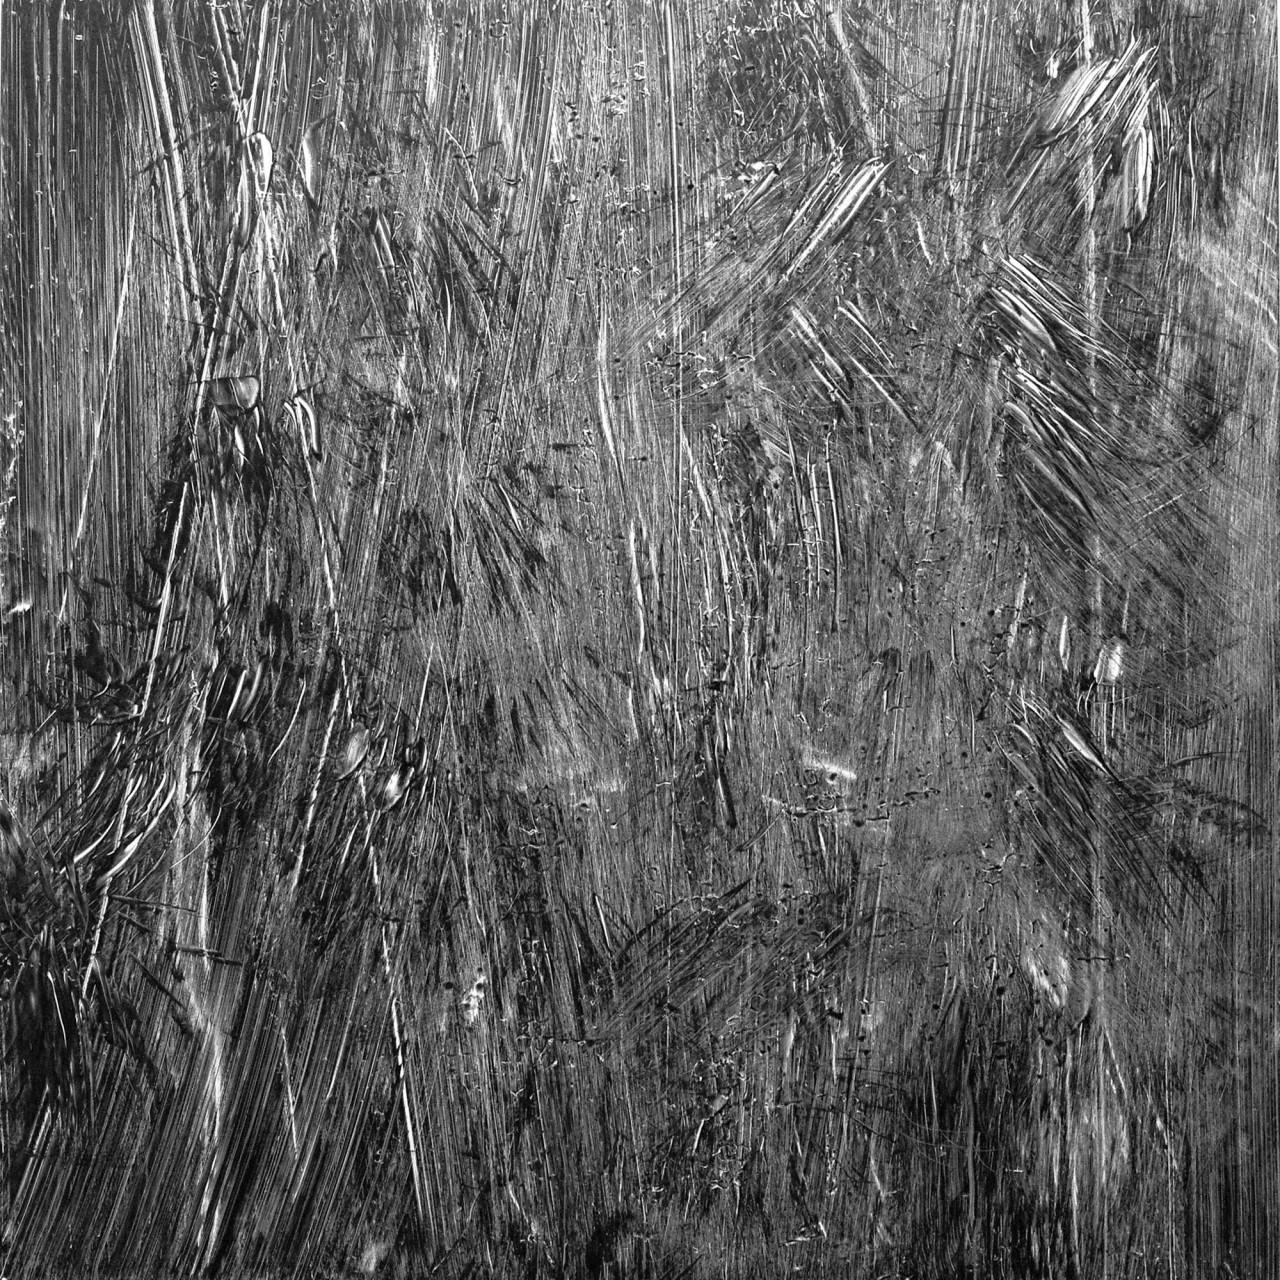 640, 2015 olio su alu-dibond 100x100 cm